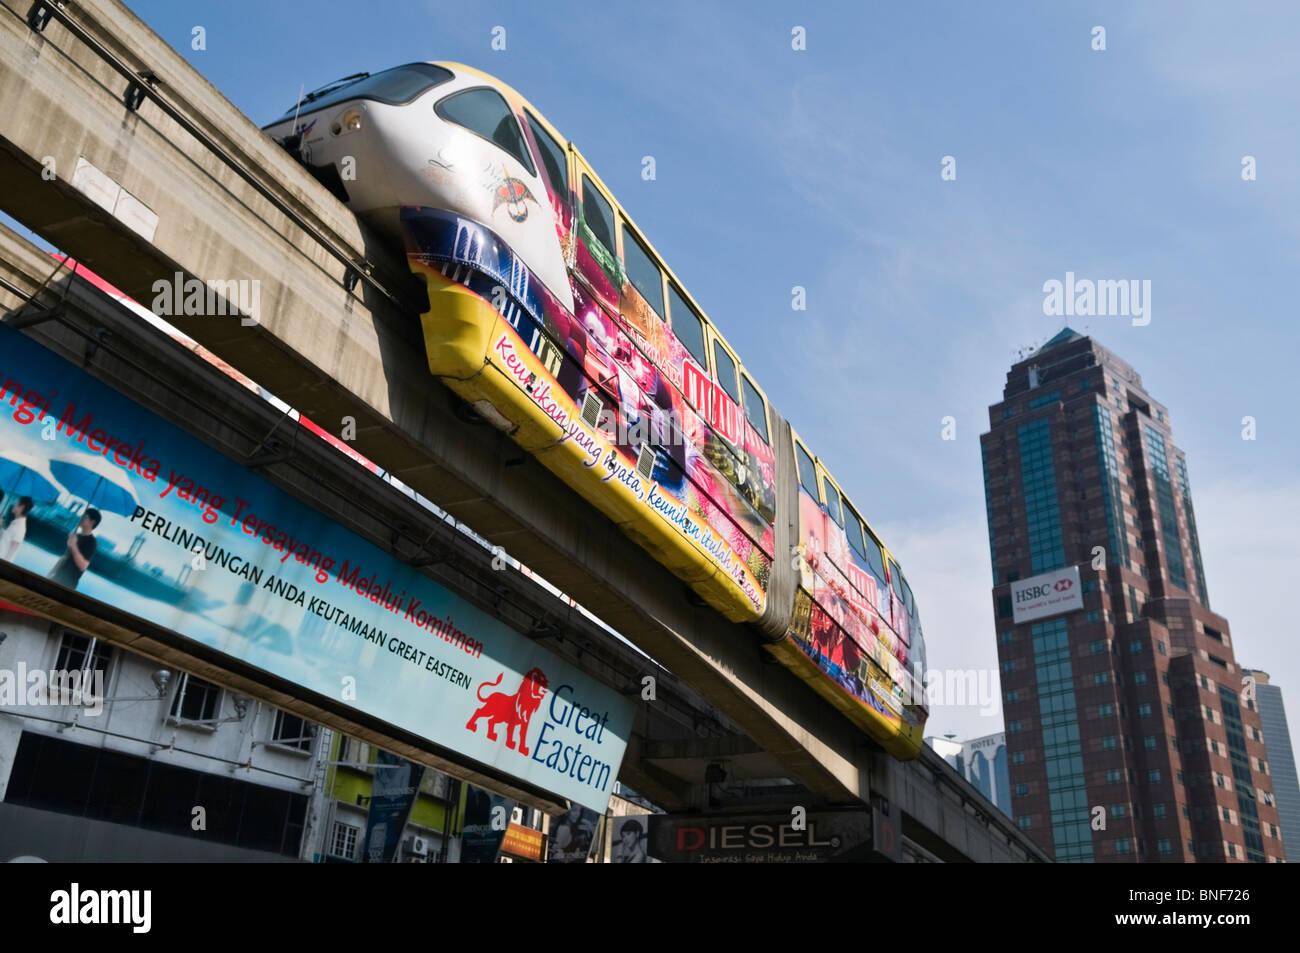 KL Monorail Kuala Lumpur Malaysia - Stock Image